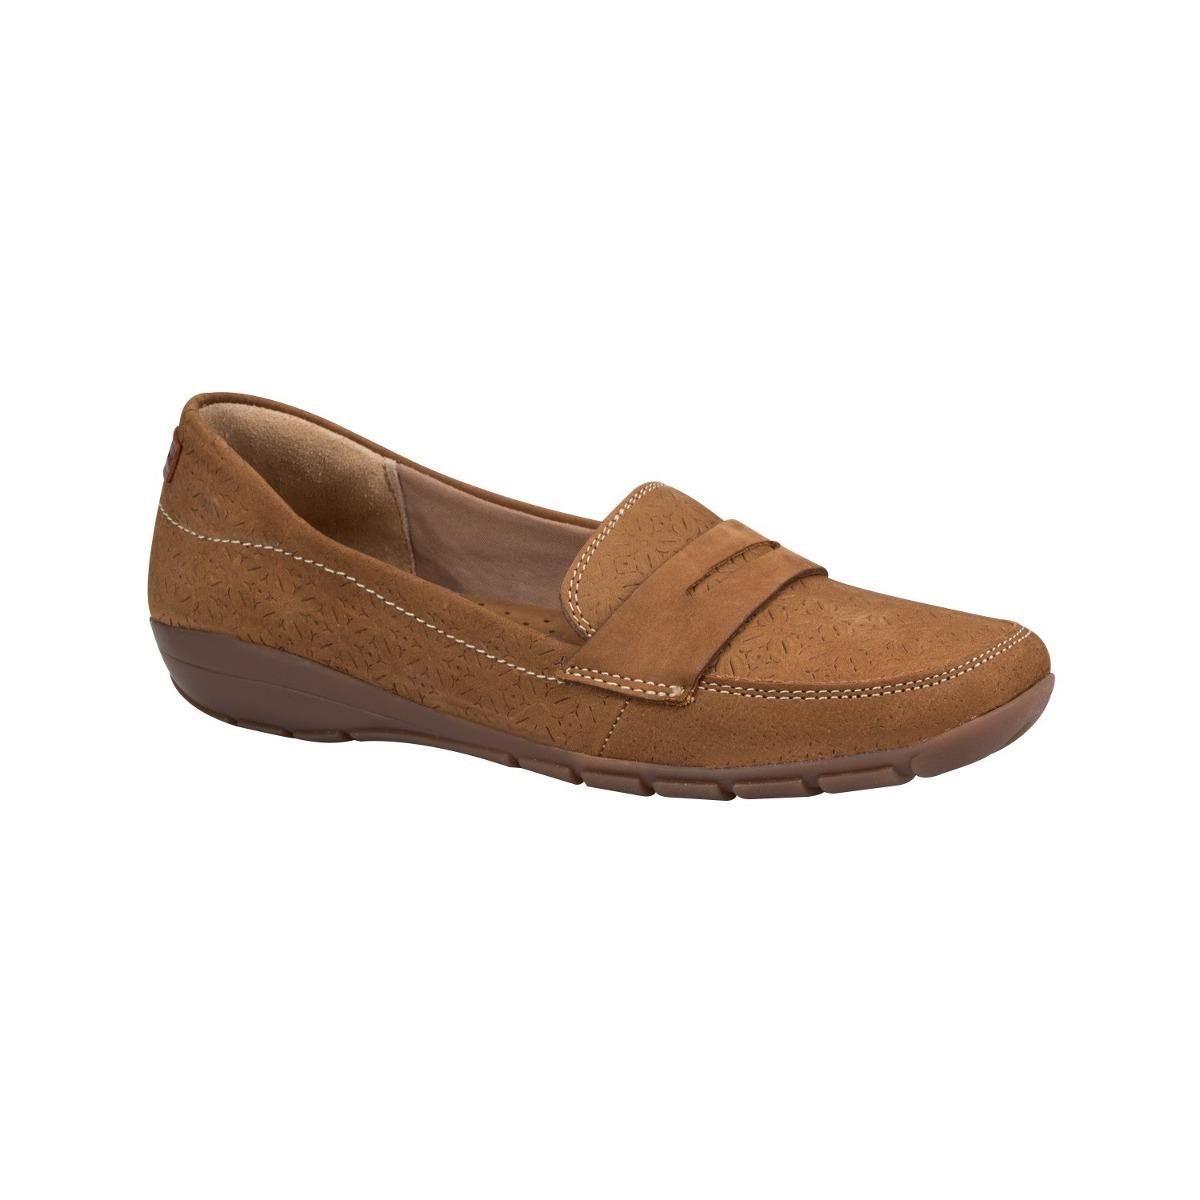 2243e68a0580b Zapato Comodo Para Dama -   799.00 en Mercado Libre